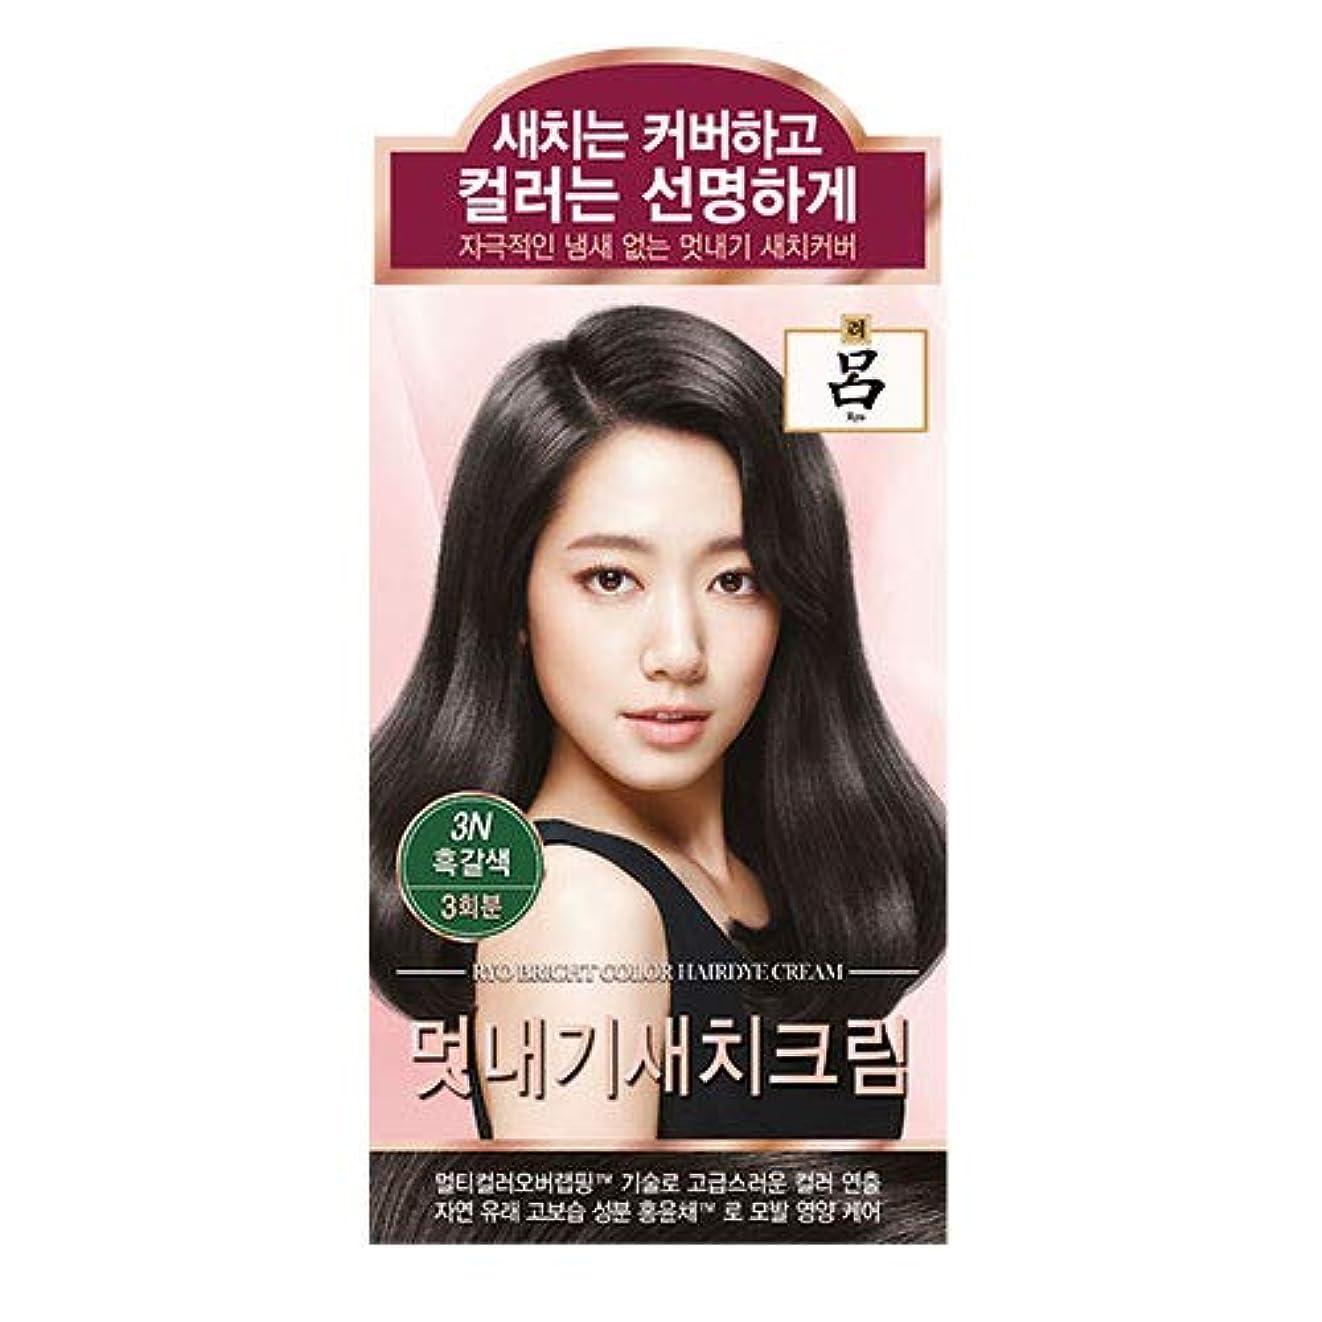 スズメバチ怠感ふけるアモーレパシフィック呂[AMOREPACIFIC/Ryo] ブライトカラーヘアアイクリーム 3N ダークブラウン/Bright Color Hairdye Cream 3N Dark Brown